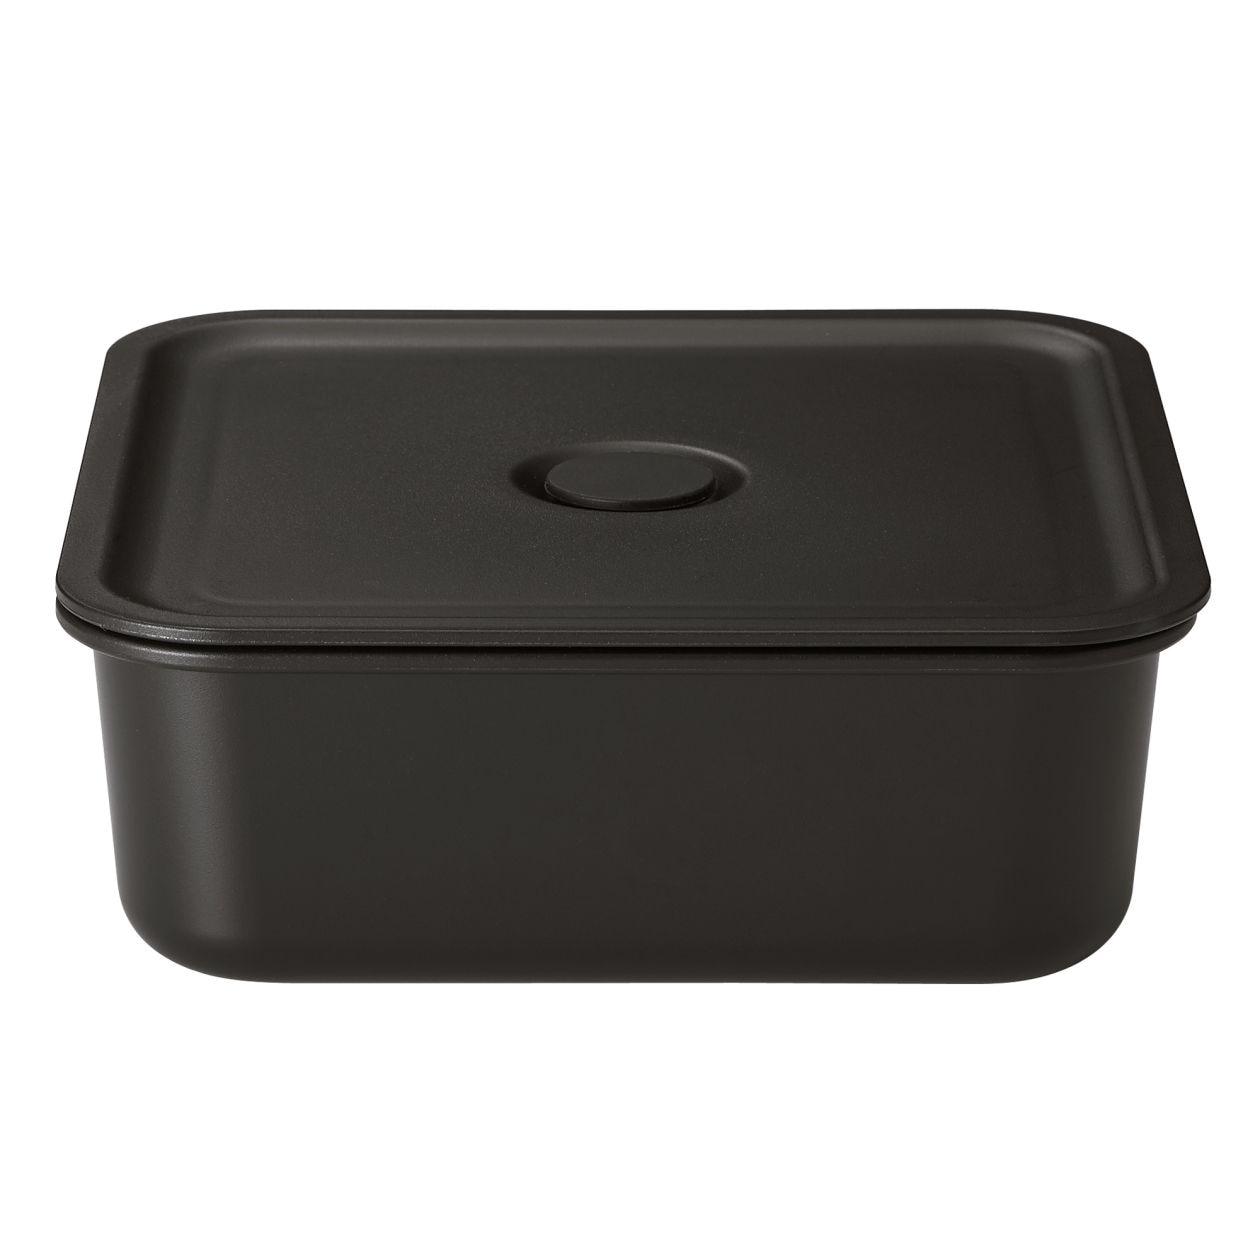 ポリプロピレン保存容器になるバルブ付弁当箱・黒